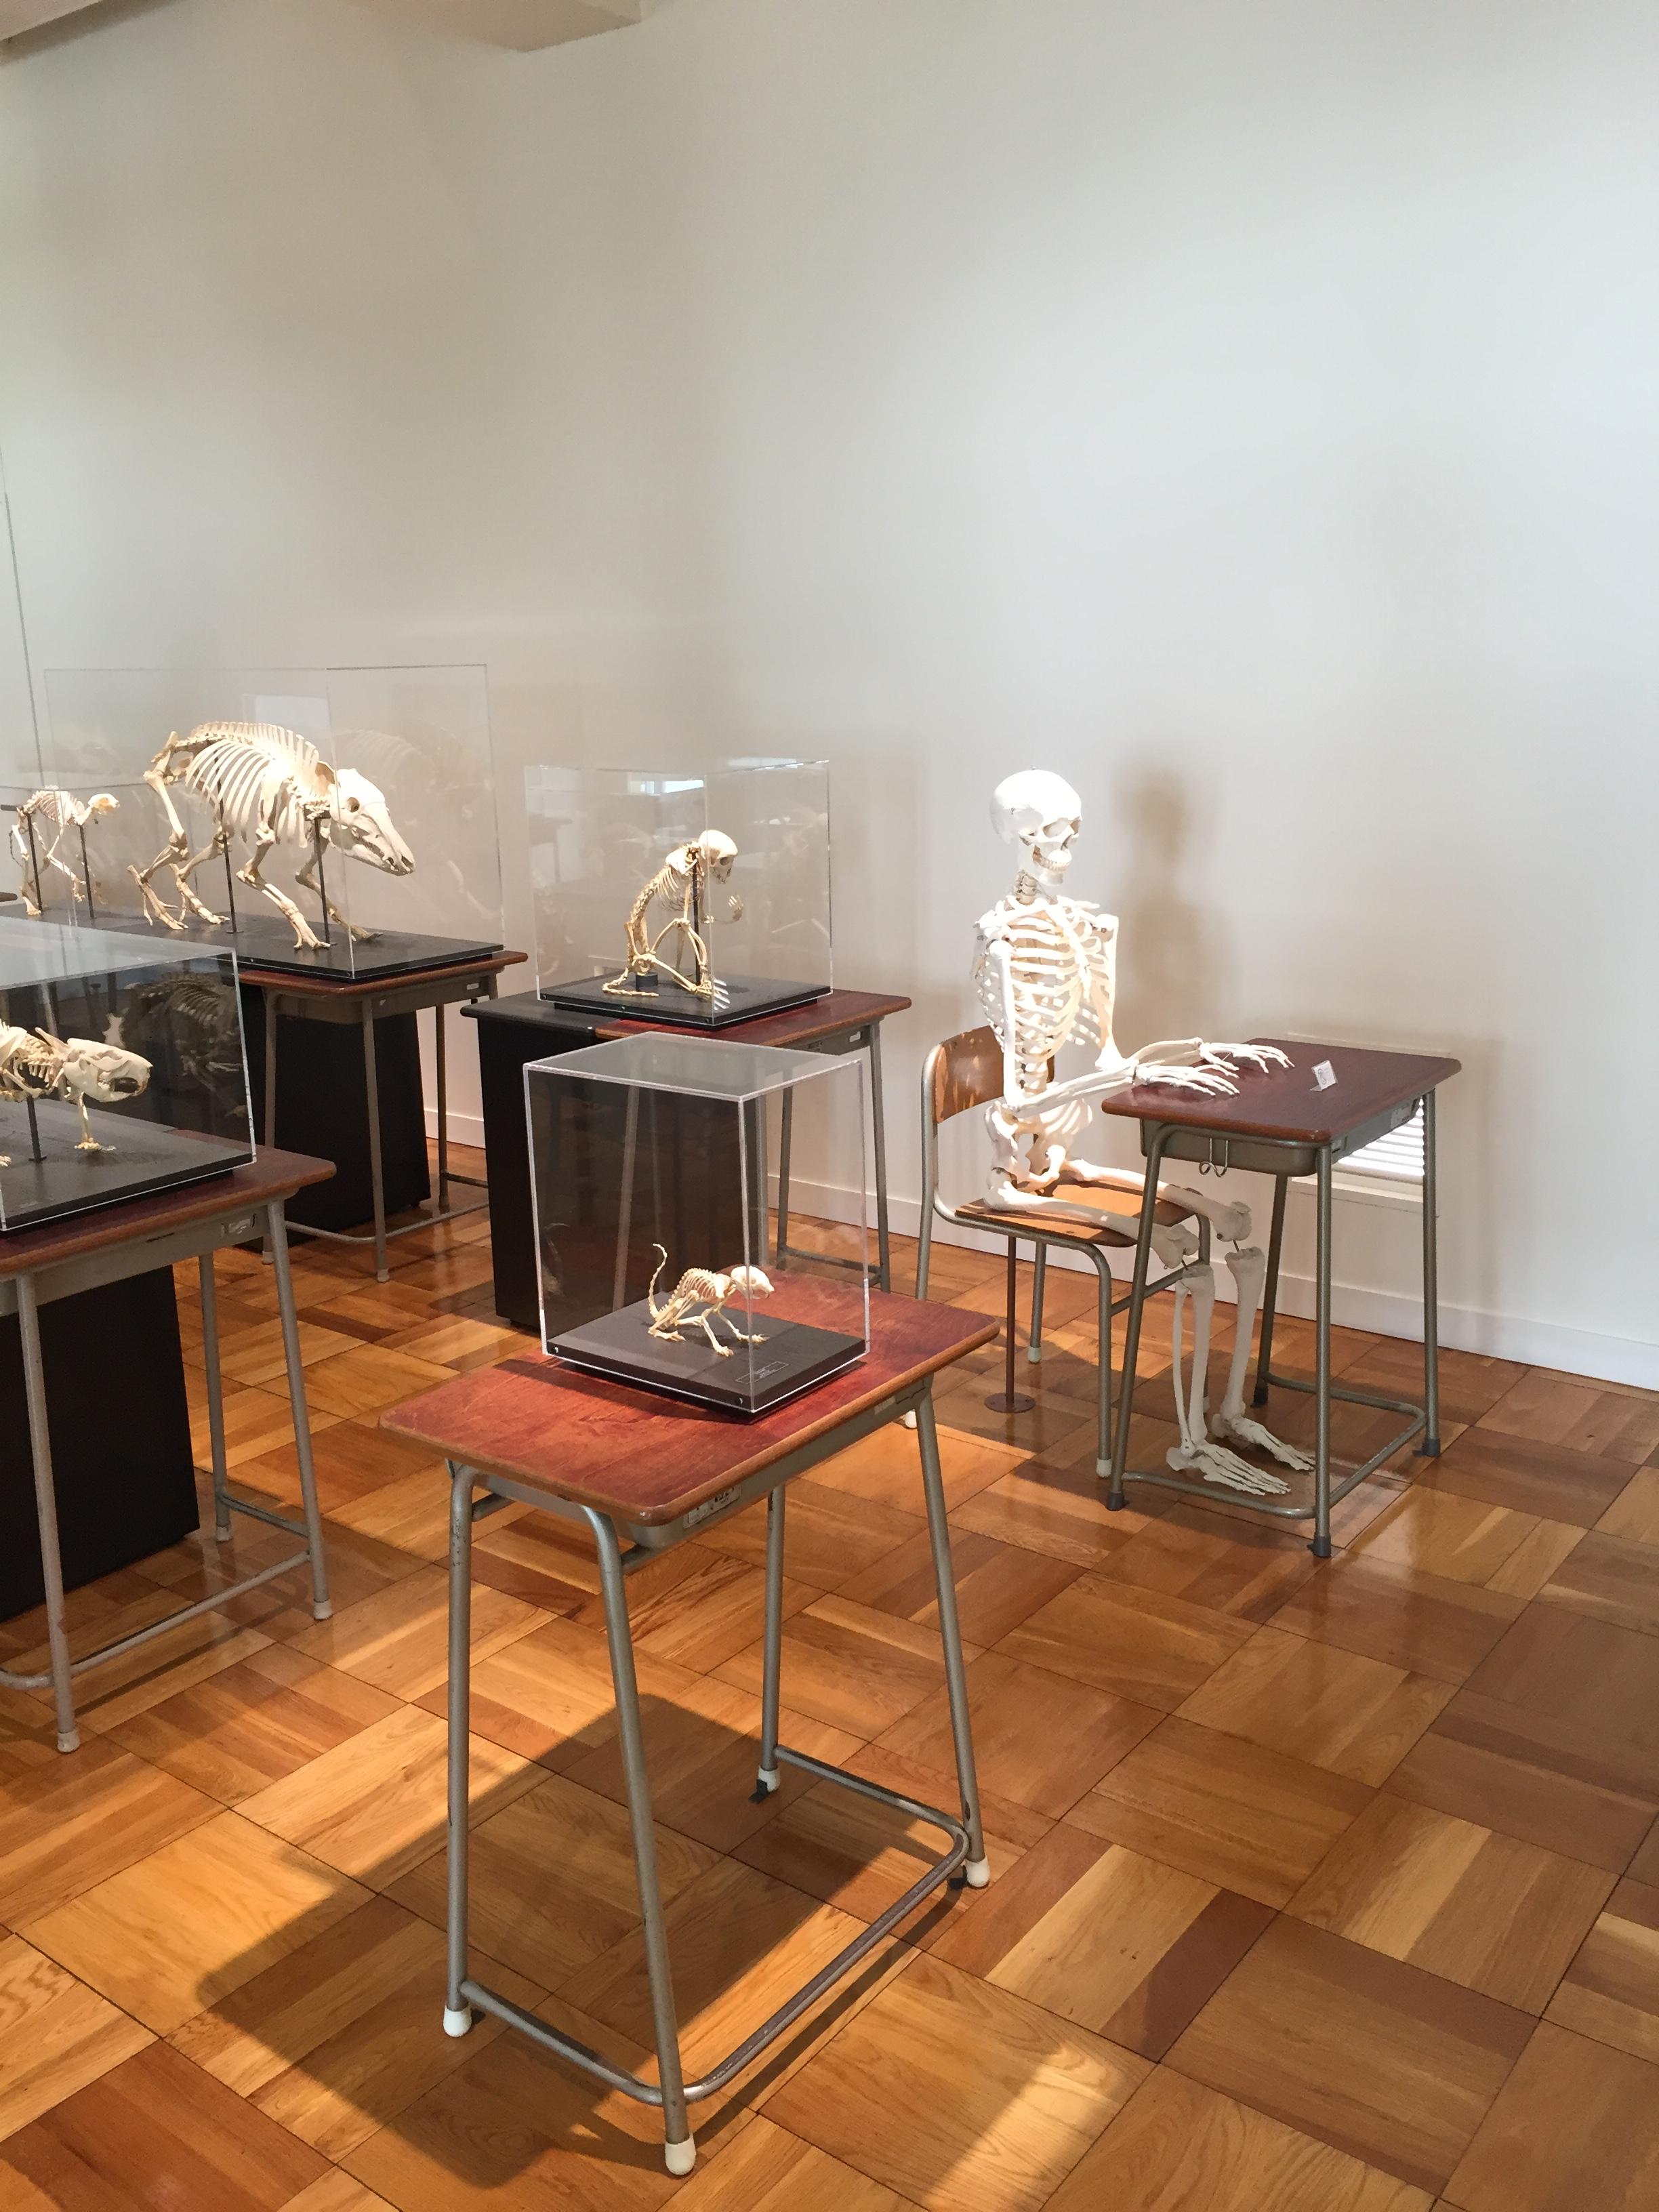 骨の教室の生徒たちの写真